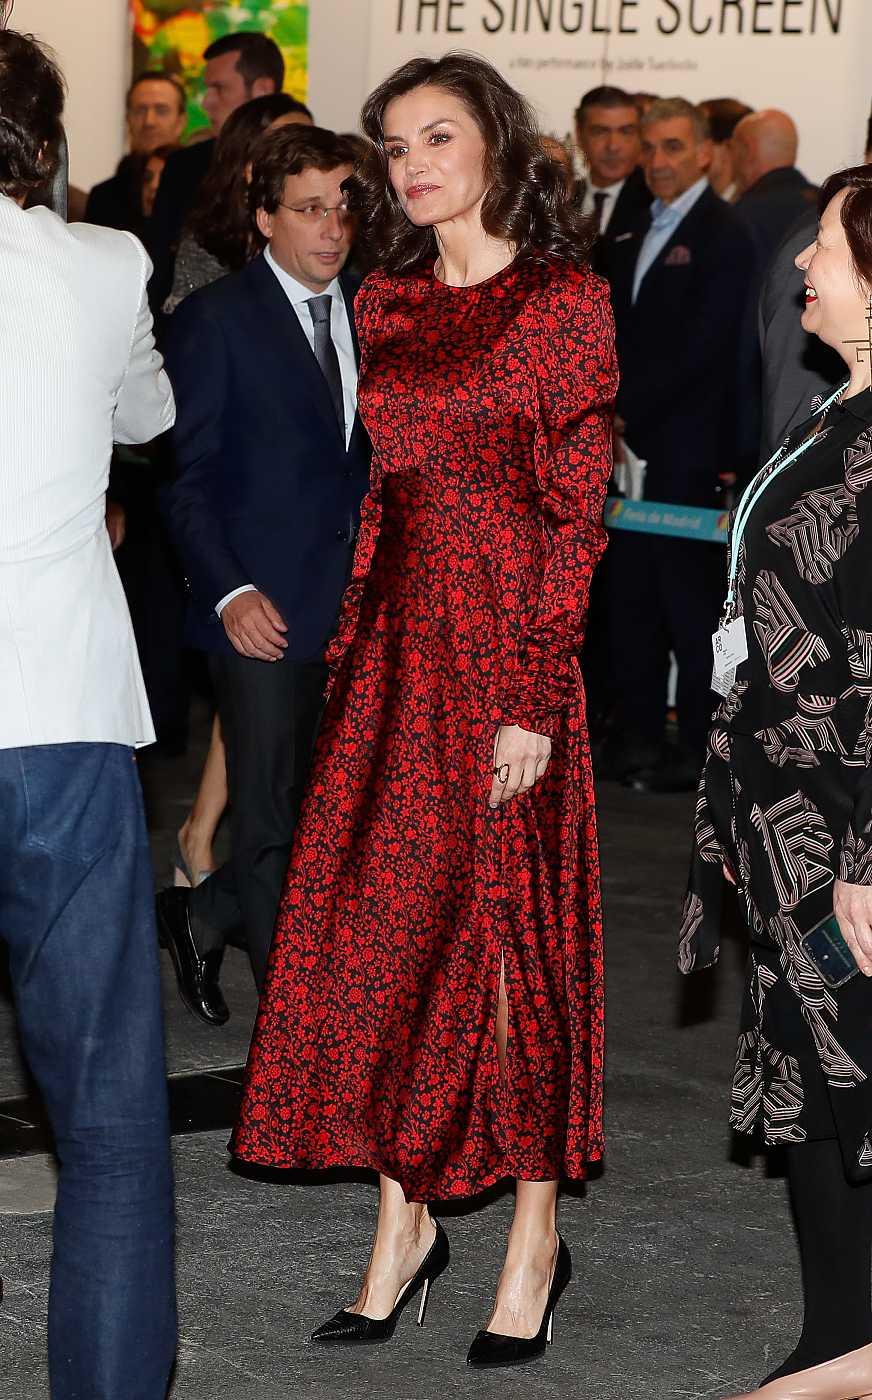 La reina Letizia en ARCO 2020 con un vestido de la firma francesa Maje